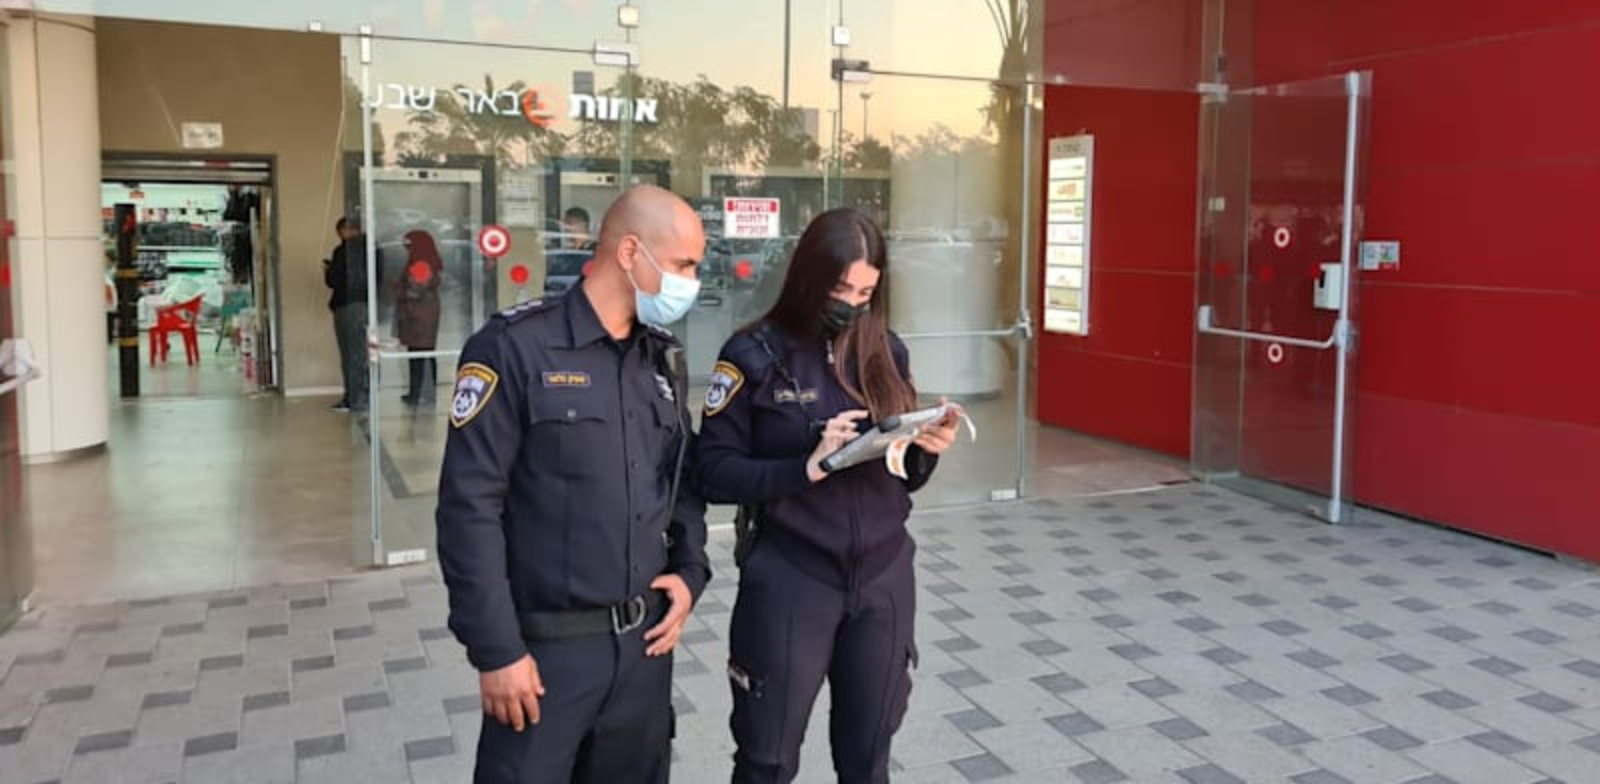 משטרת ישראל מחוץ לסניף מקס סטוק בבאר שבע / צילום: משטרת ישראל